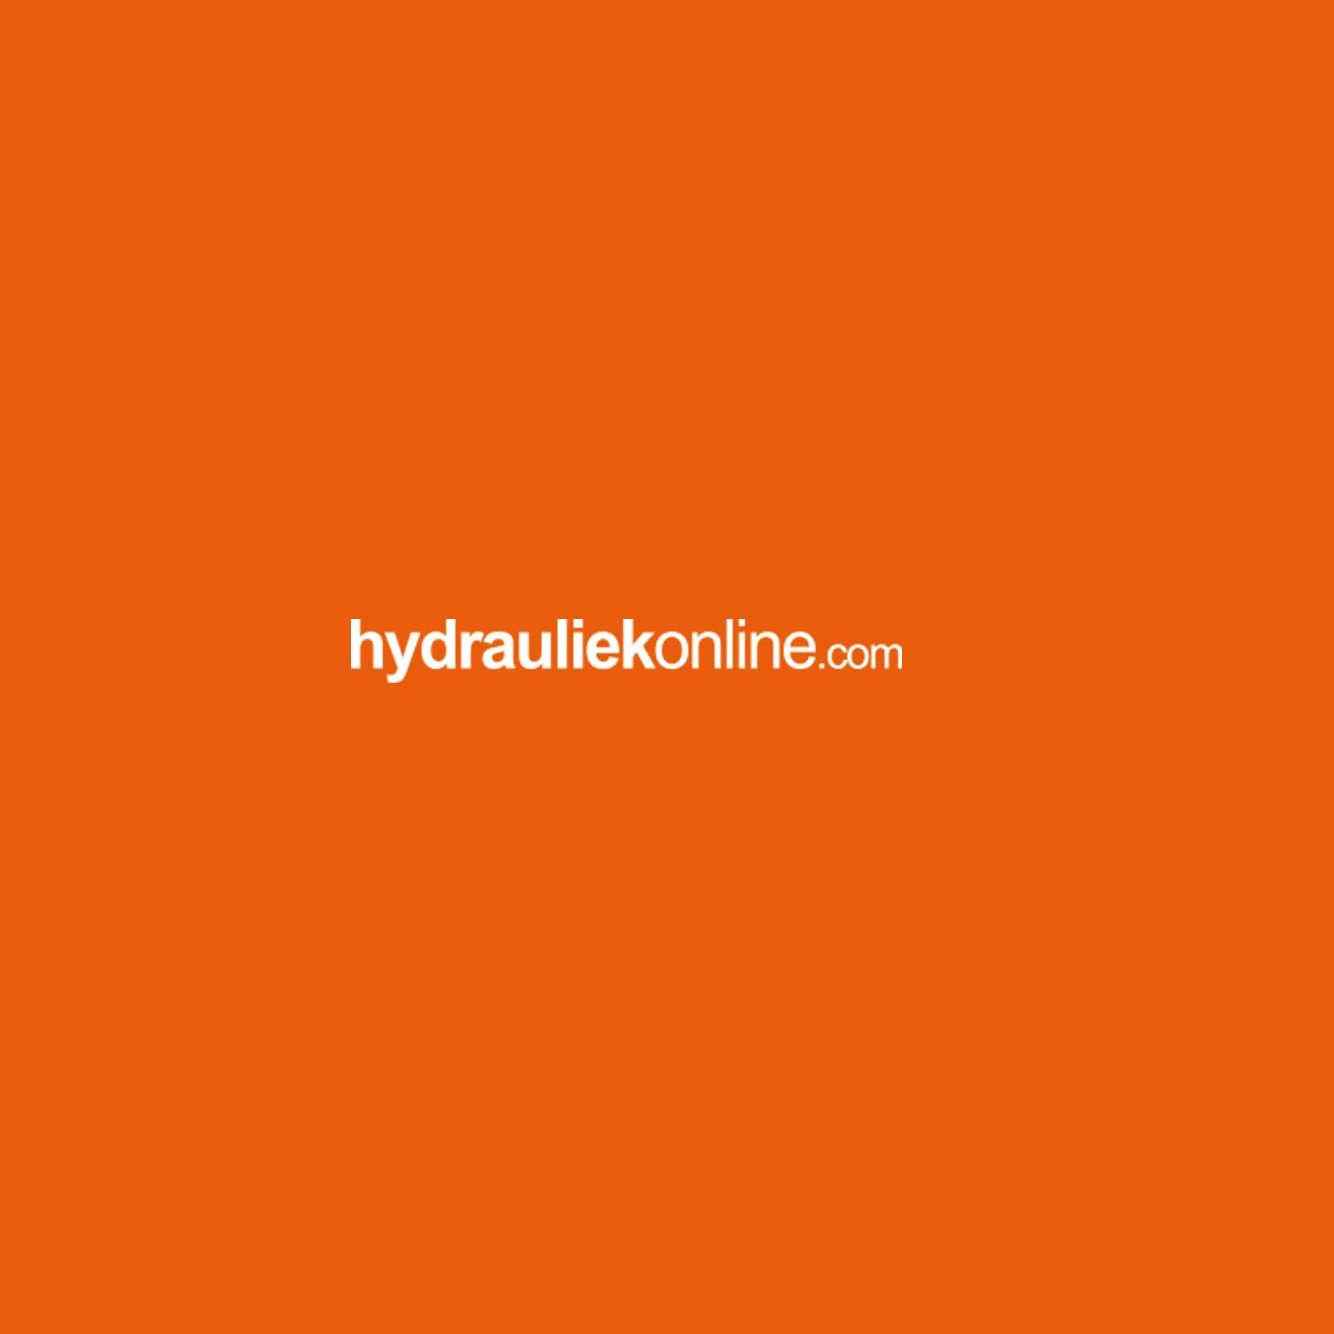 hydrauliek-online-229.jpg